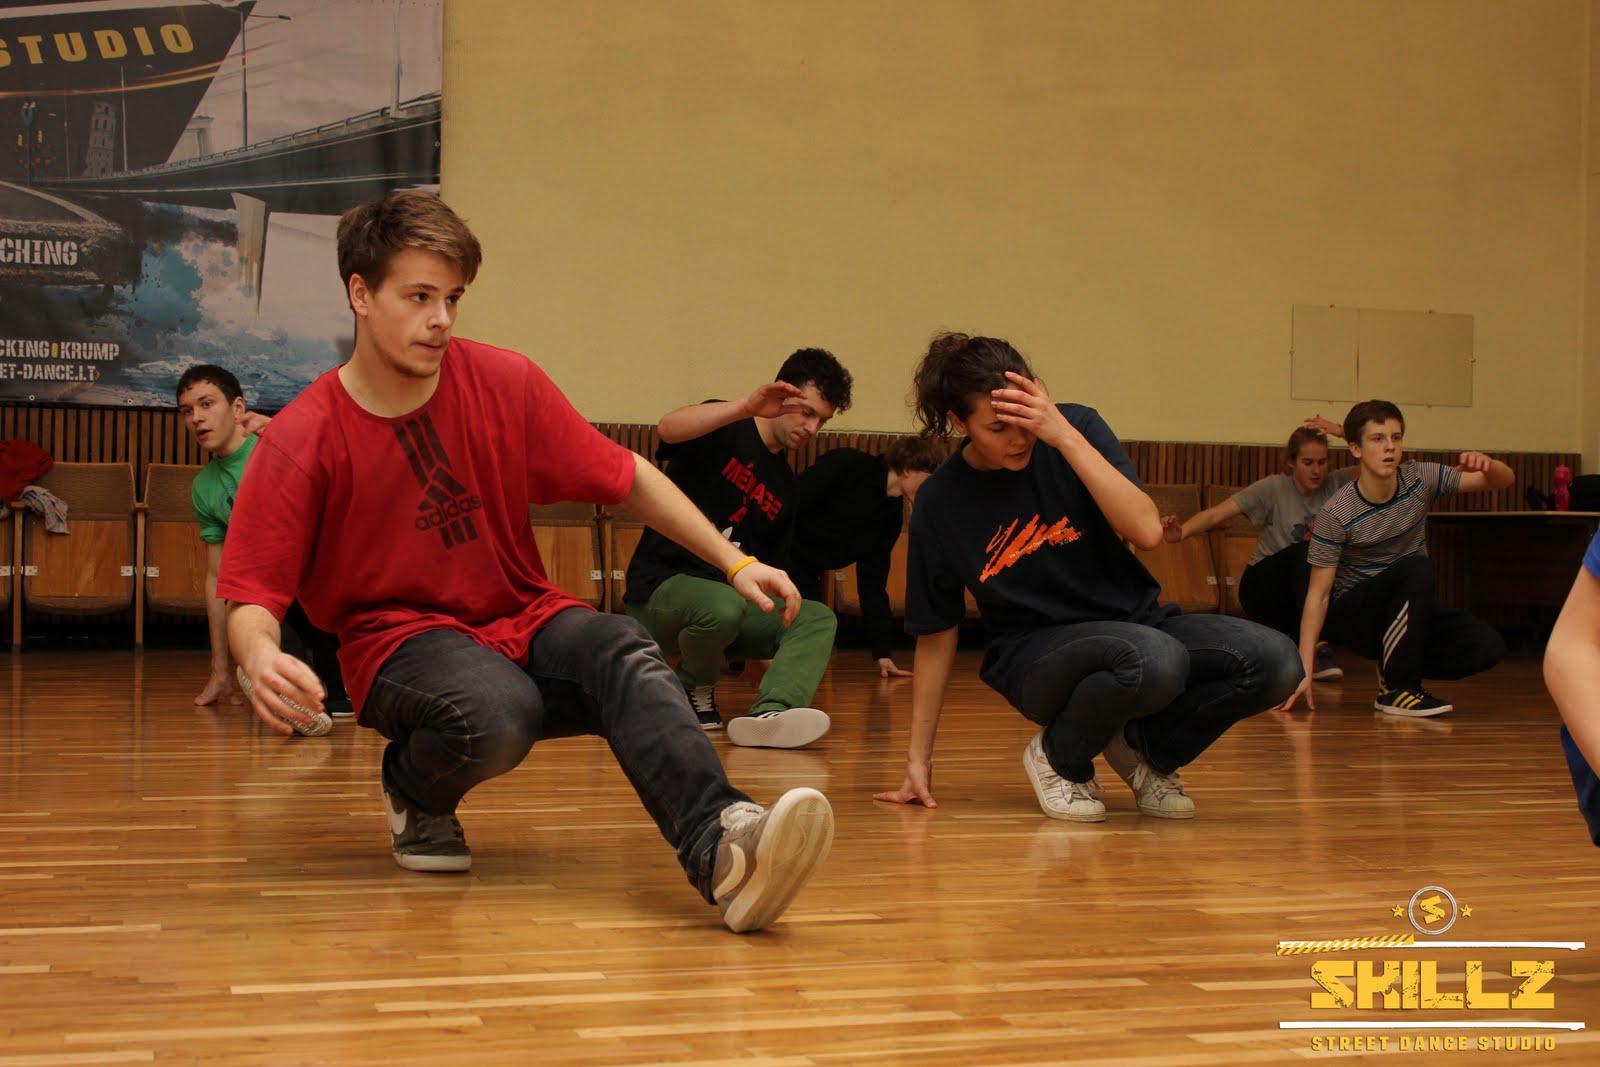 YAN (Russia) Bboying seminaras - IMG_0658.jpg